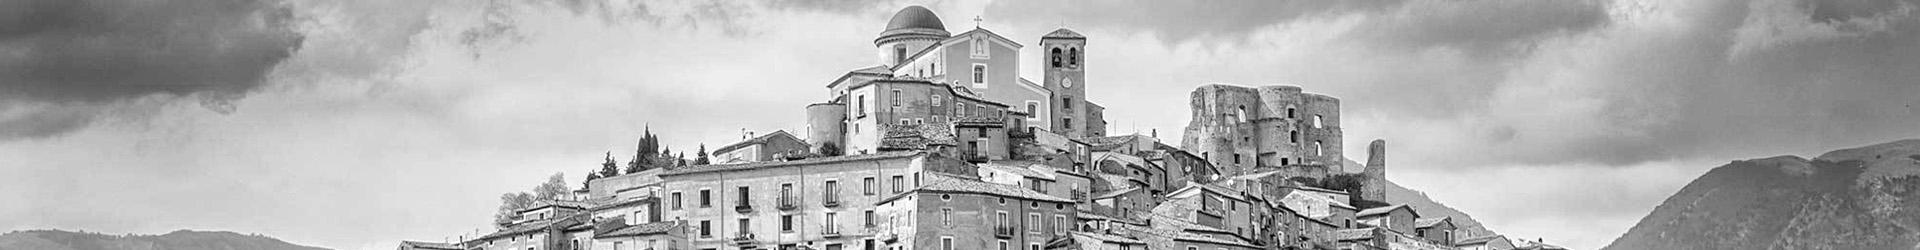 15_Morano-Calabro_ARTICOLI_1980x250